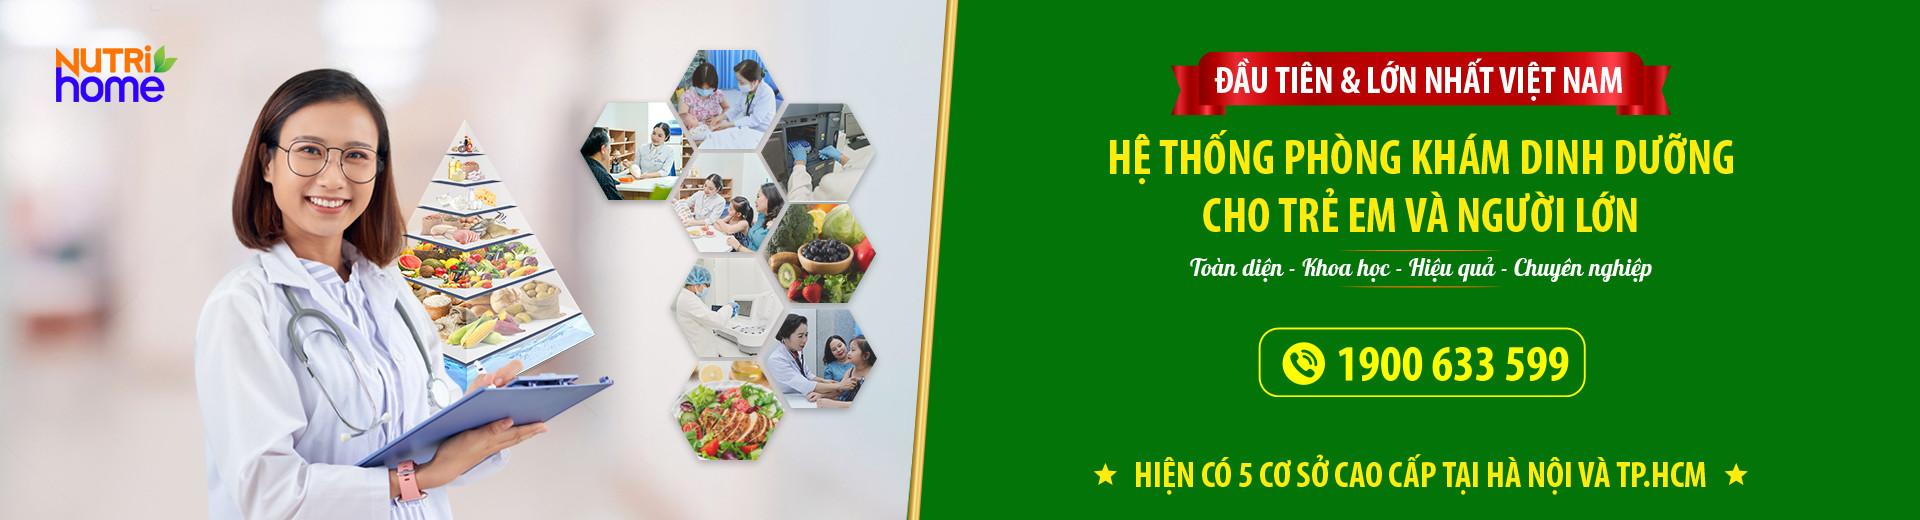 Giới thiệu Hệ thống Phòng khám Dinh dưỡng Nutrihome